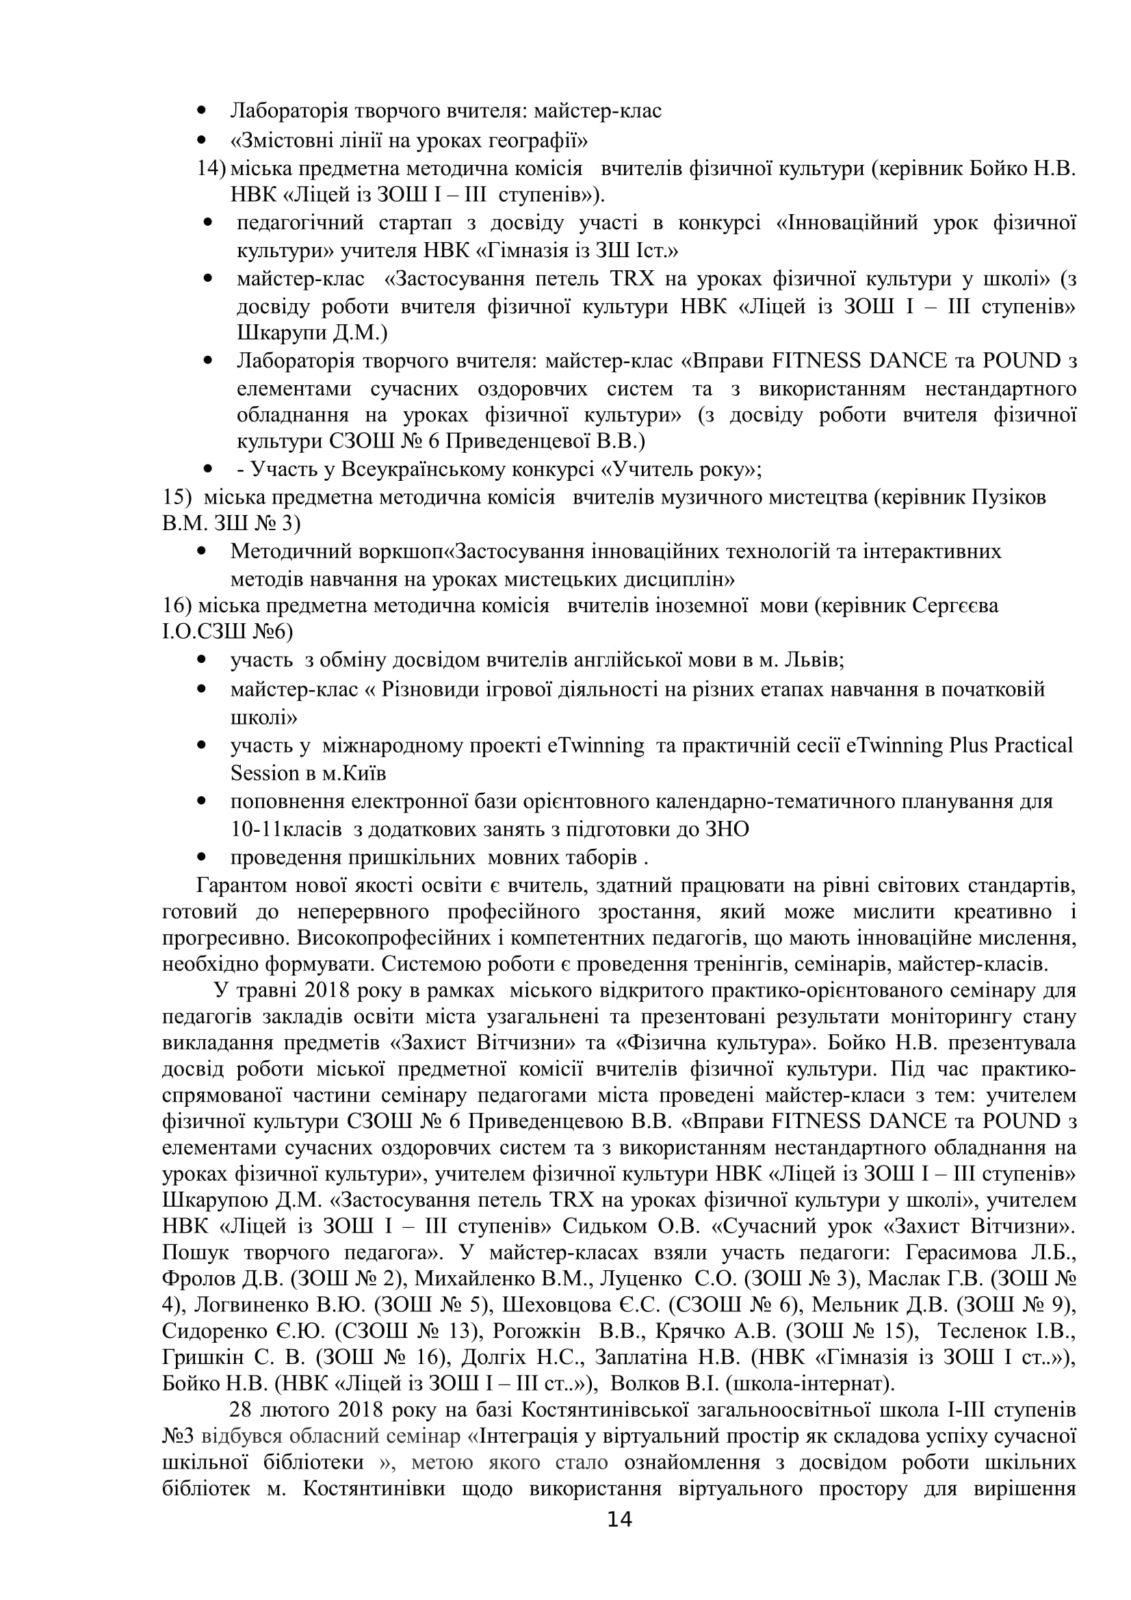 Костянтинівка 2018-2019 - ММК план роботи-15